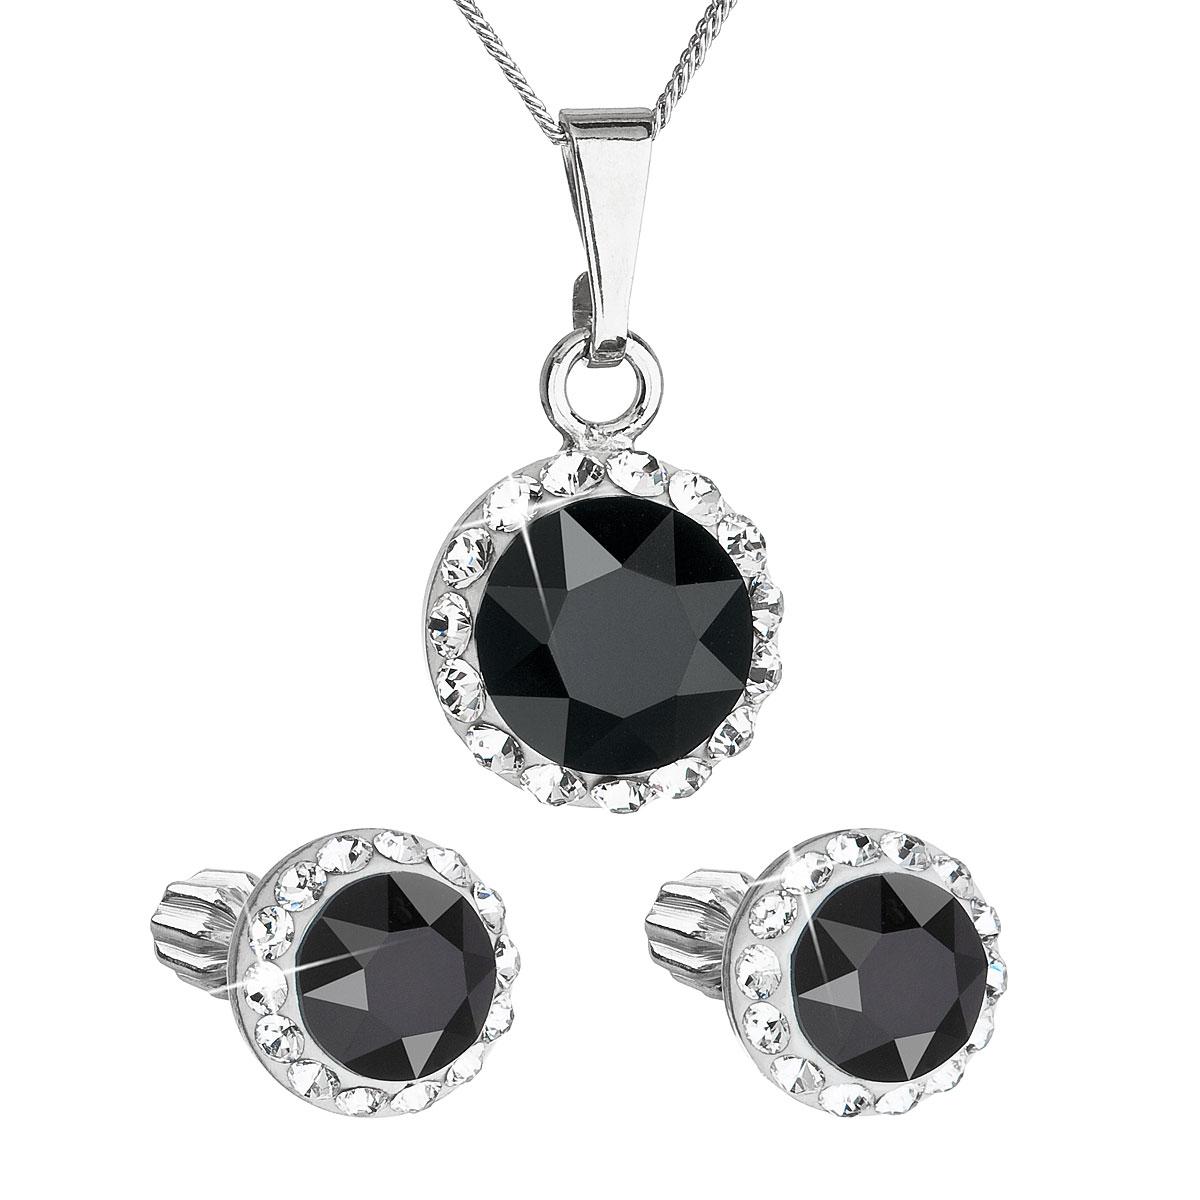 Sada šperků s krystaly Swarovski náušnice a přívěsek černé kulaté 39352.3